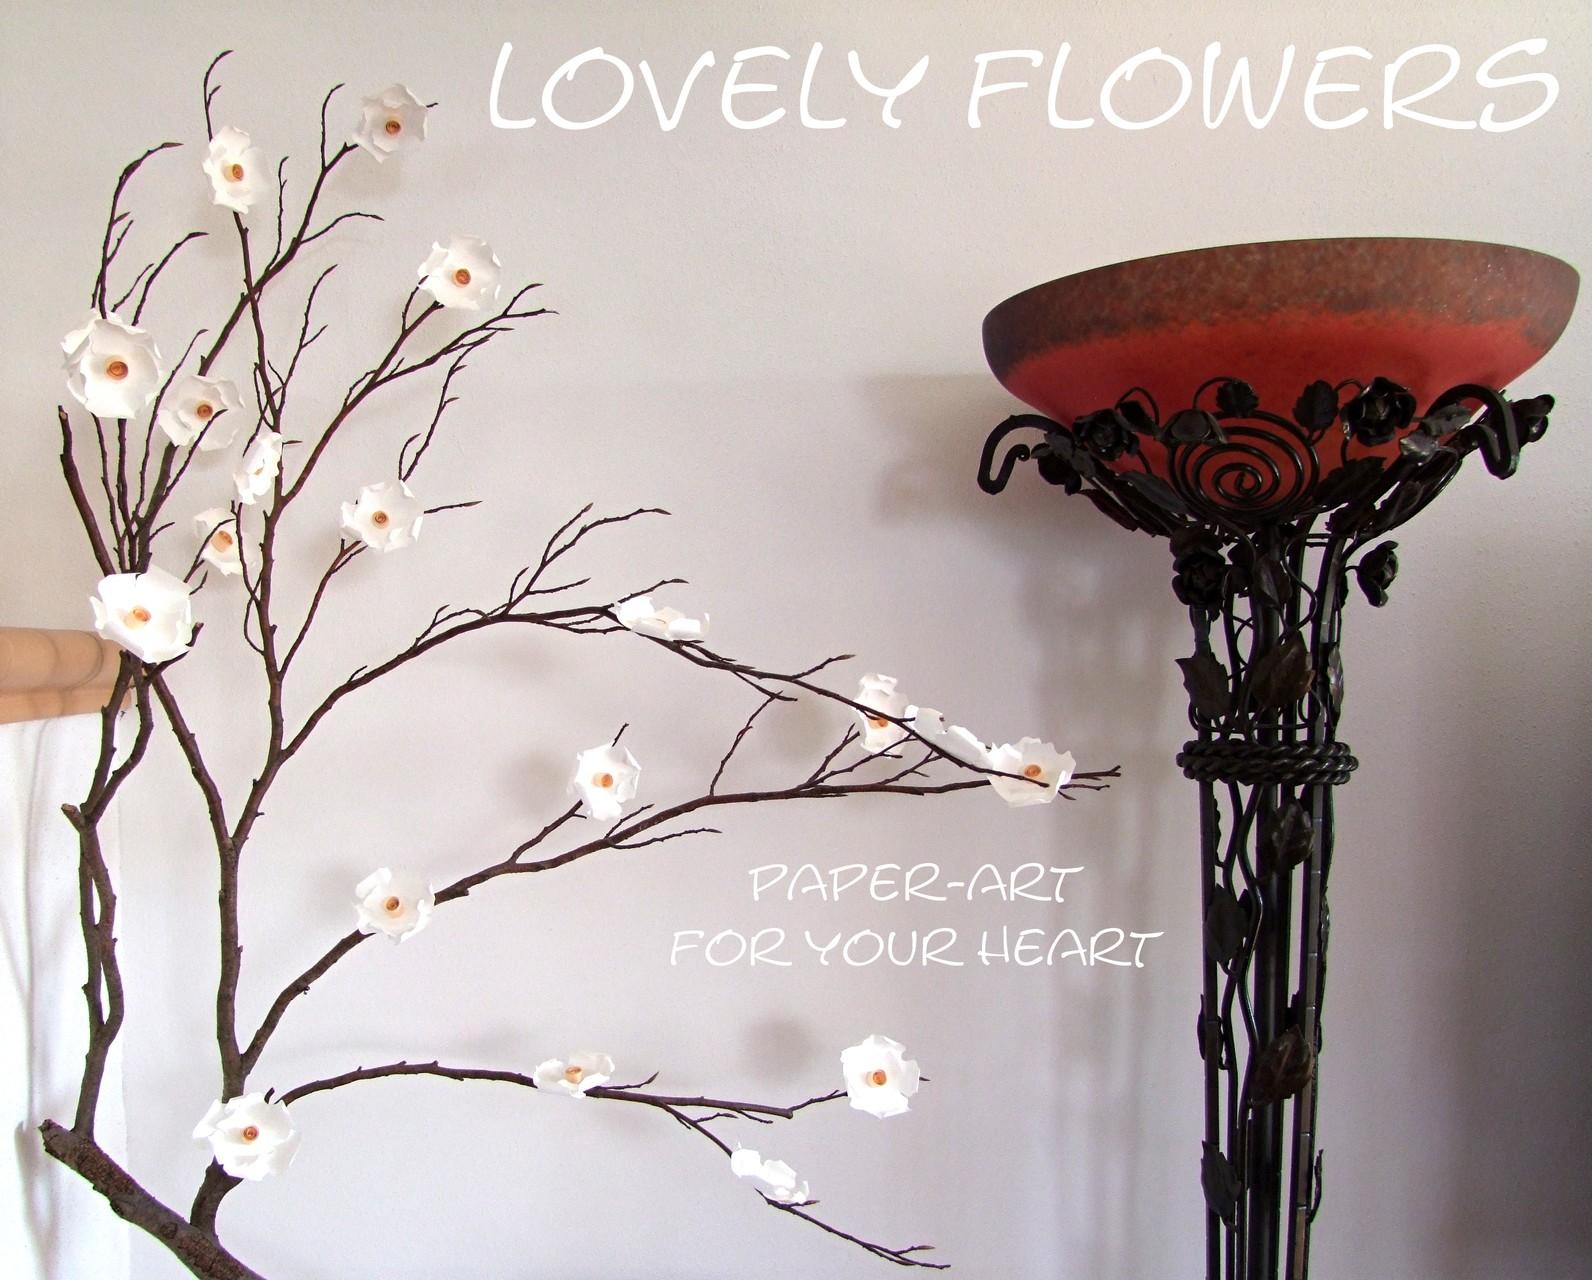 www.lovelyflowers.de - Dein Spezialist für PAPER-ART Zweigdekorationen!